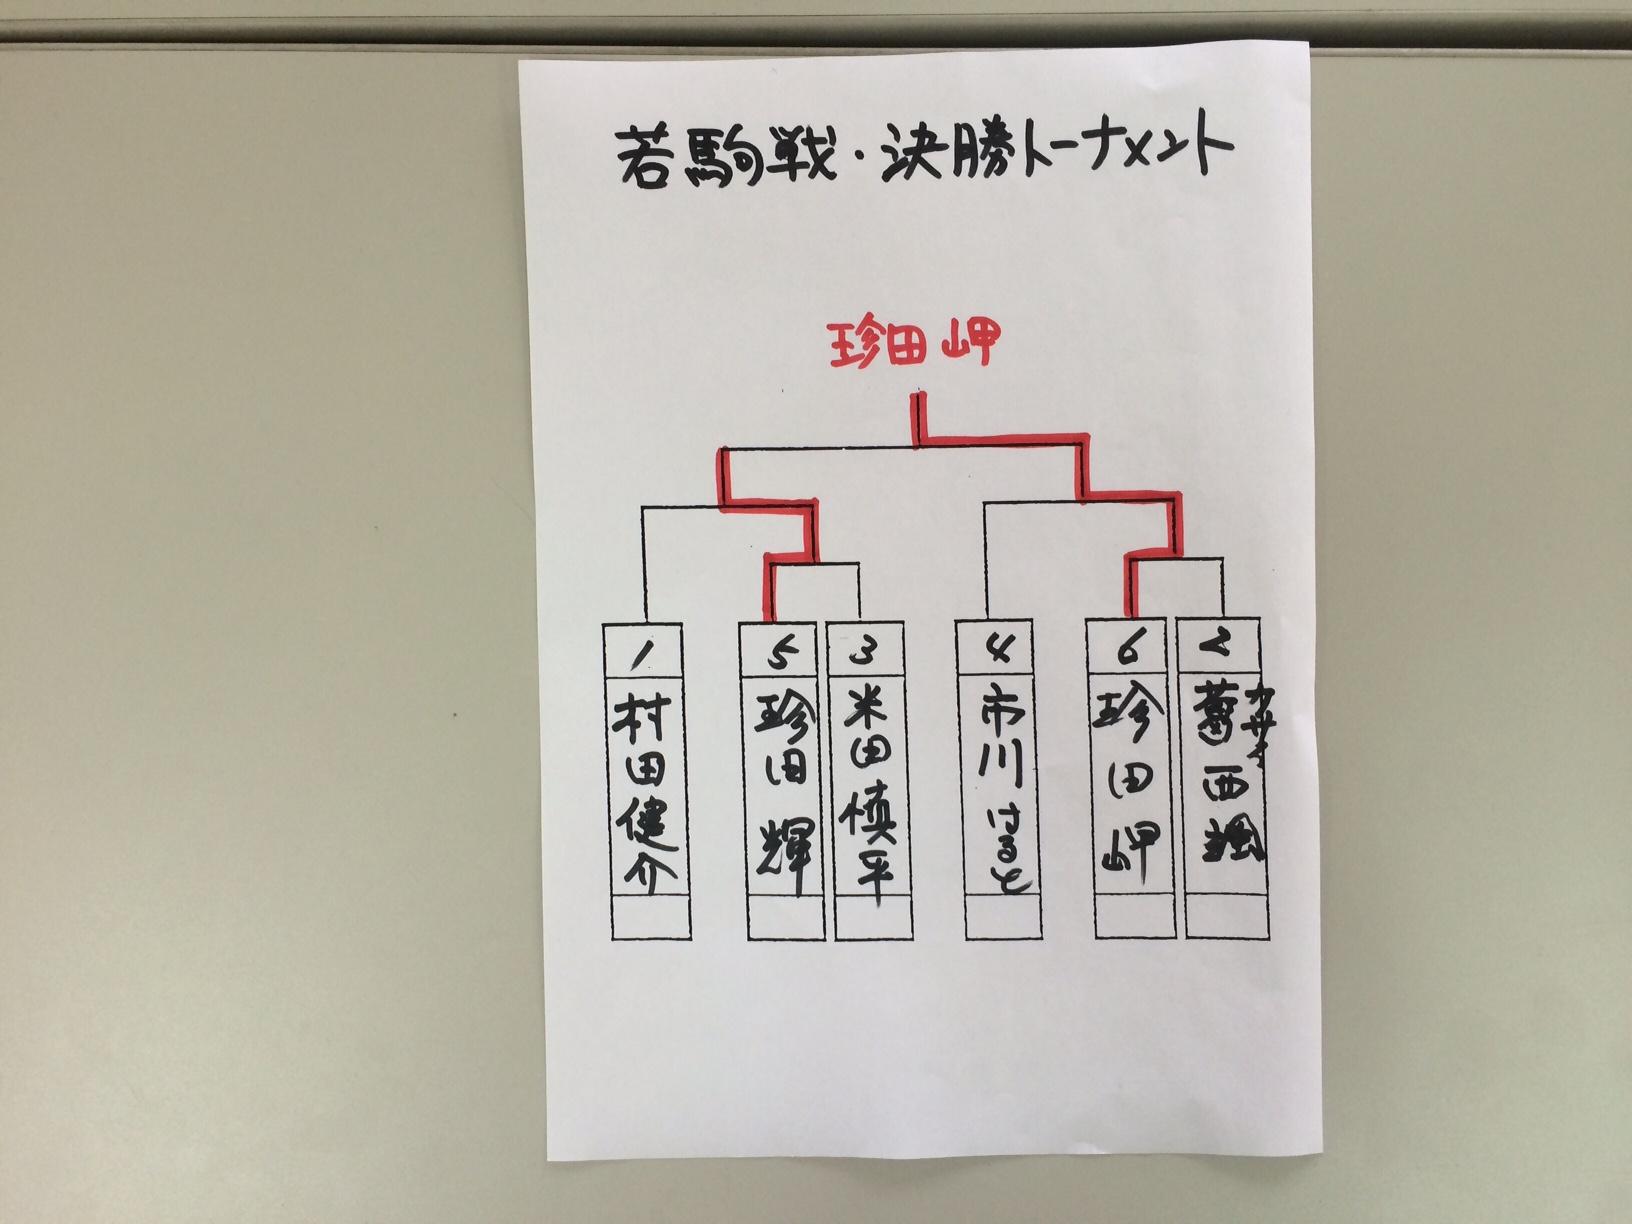 十和田場所 若駒戦 結果